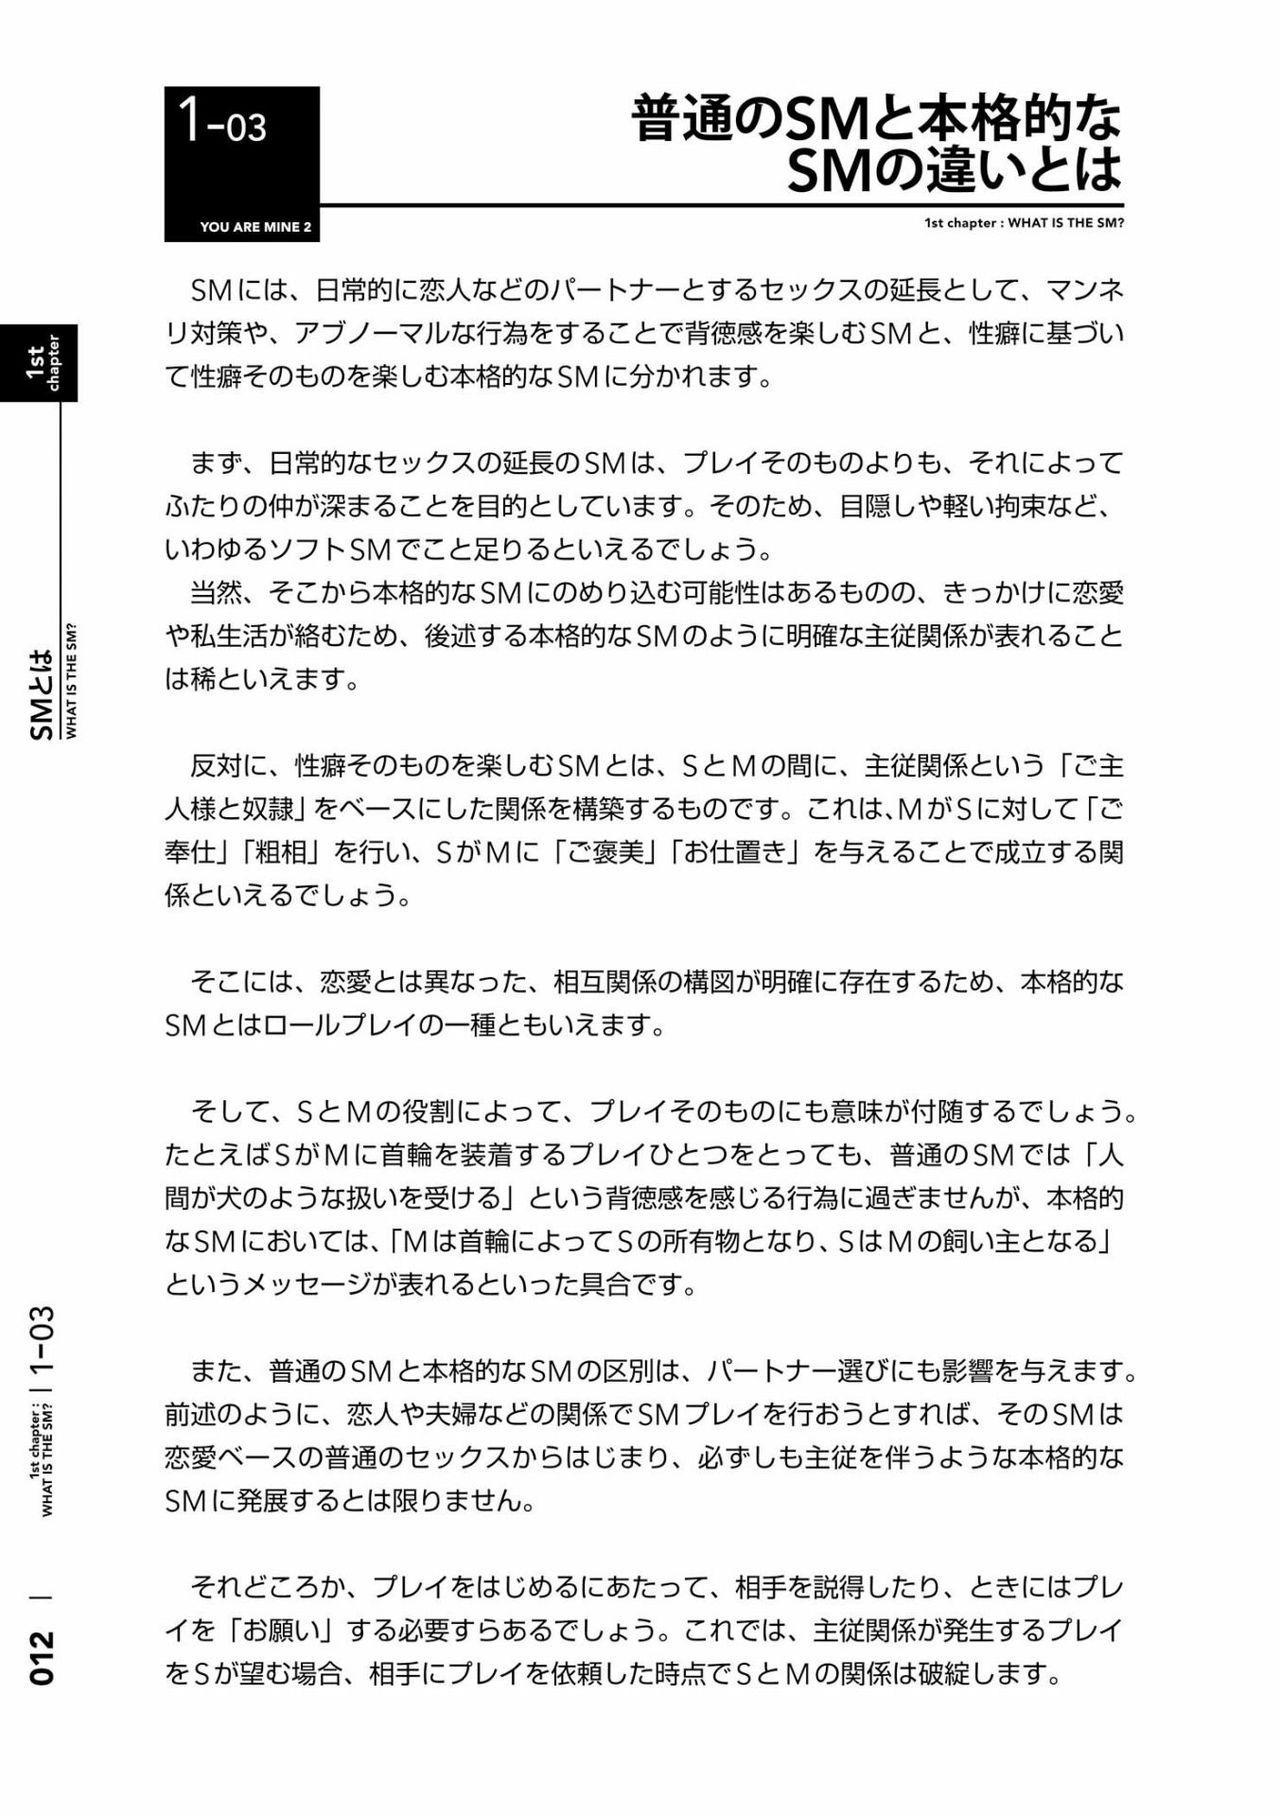 [Mitsuba] Karada mo Kokoro mo Boku no Mono ~Hajimete no SM Guide~ 2 [Digital] 14